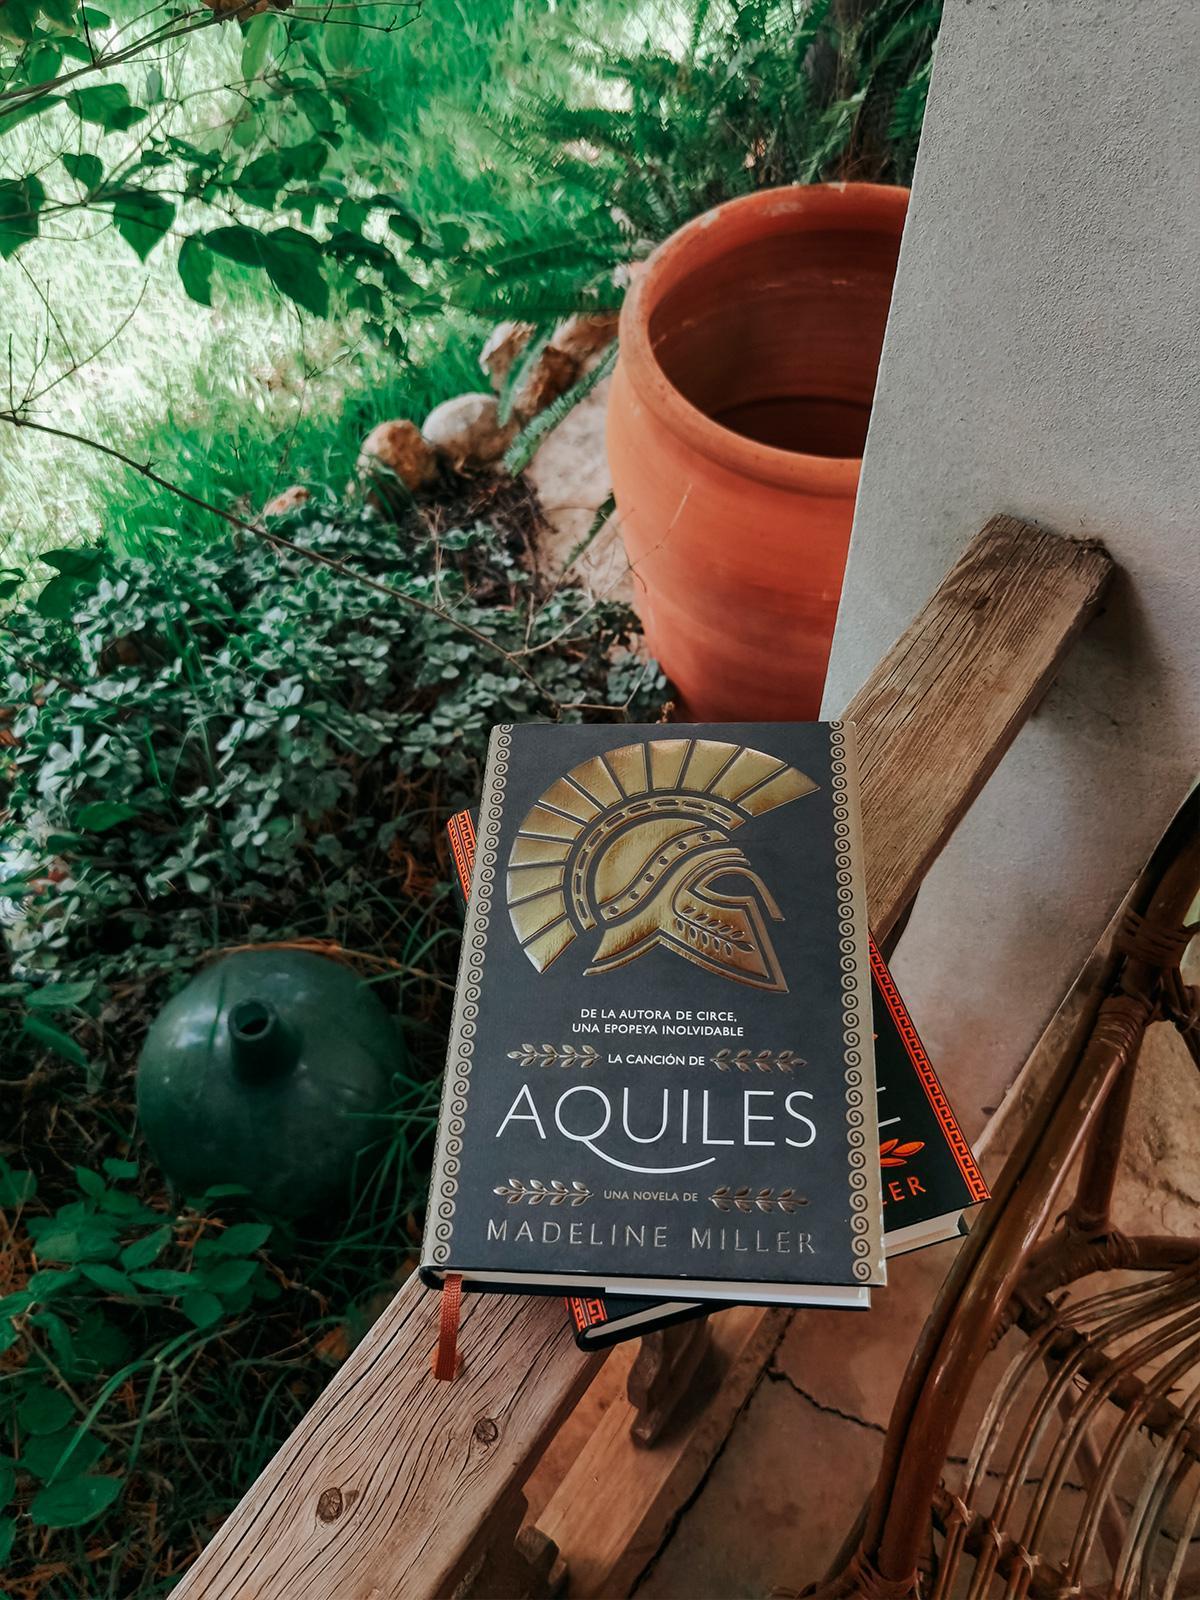 La canción de Aquiles, fotografía del libro en una terraza